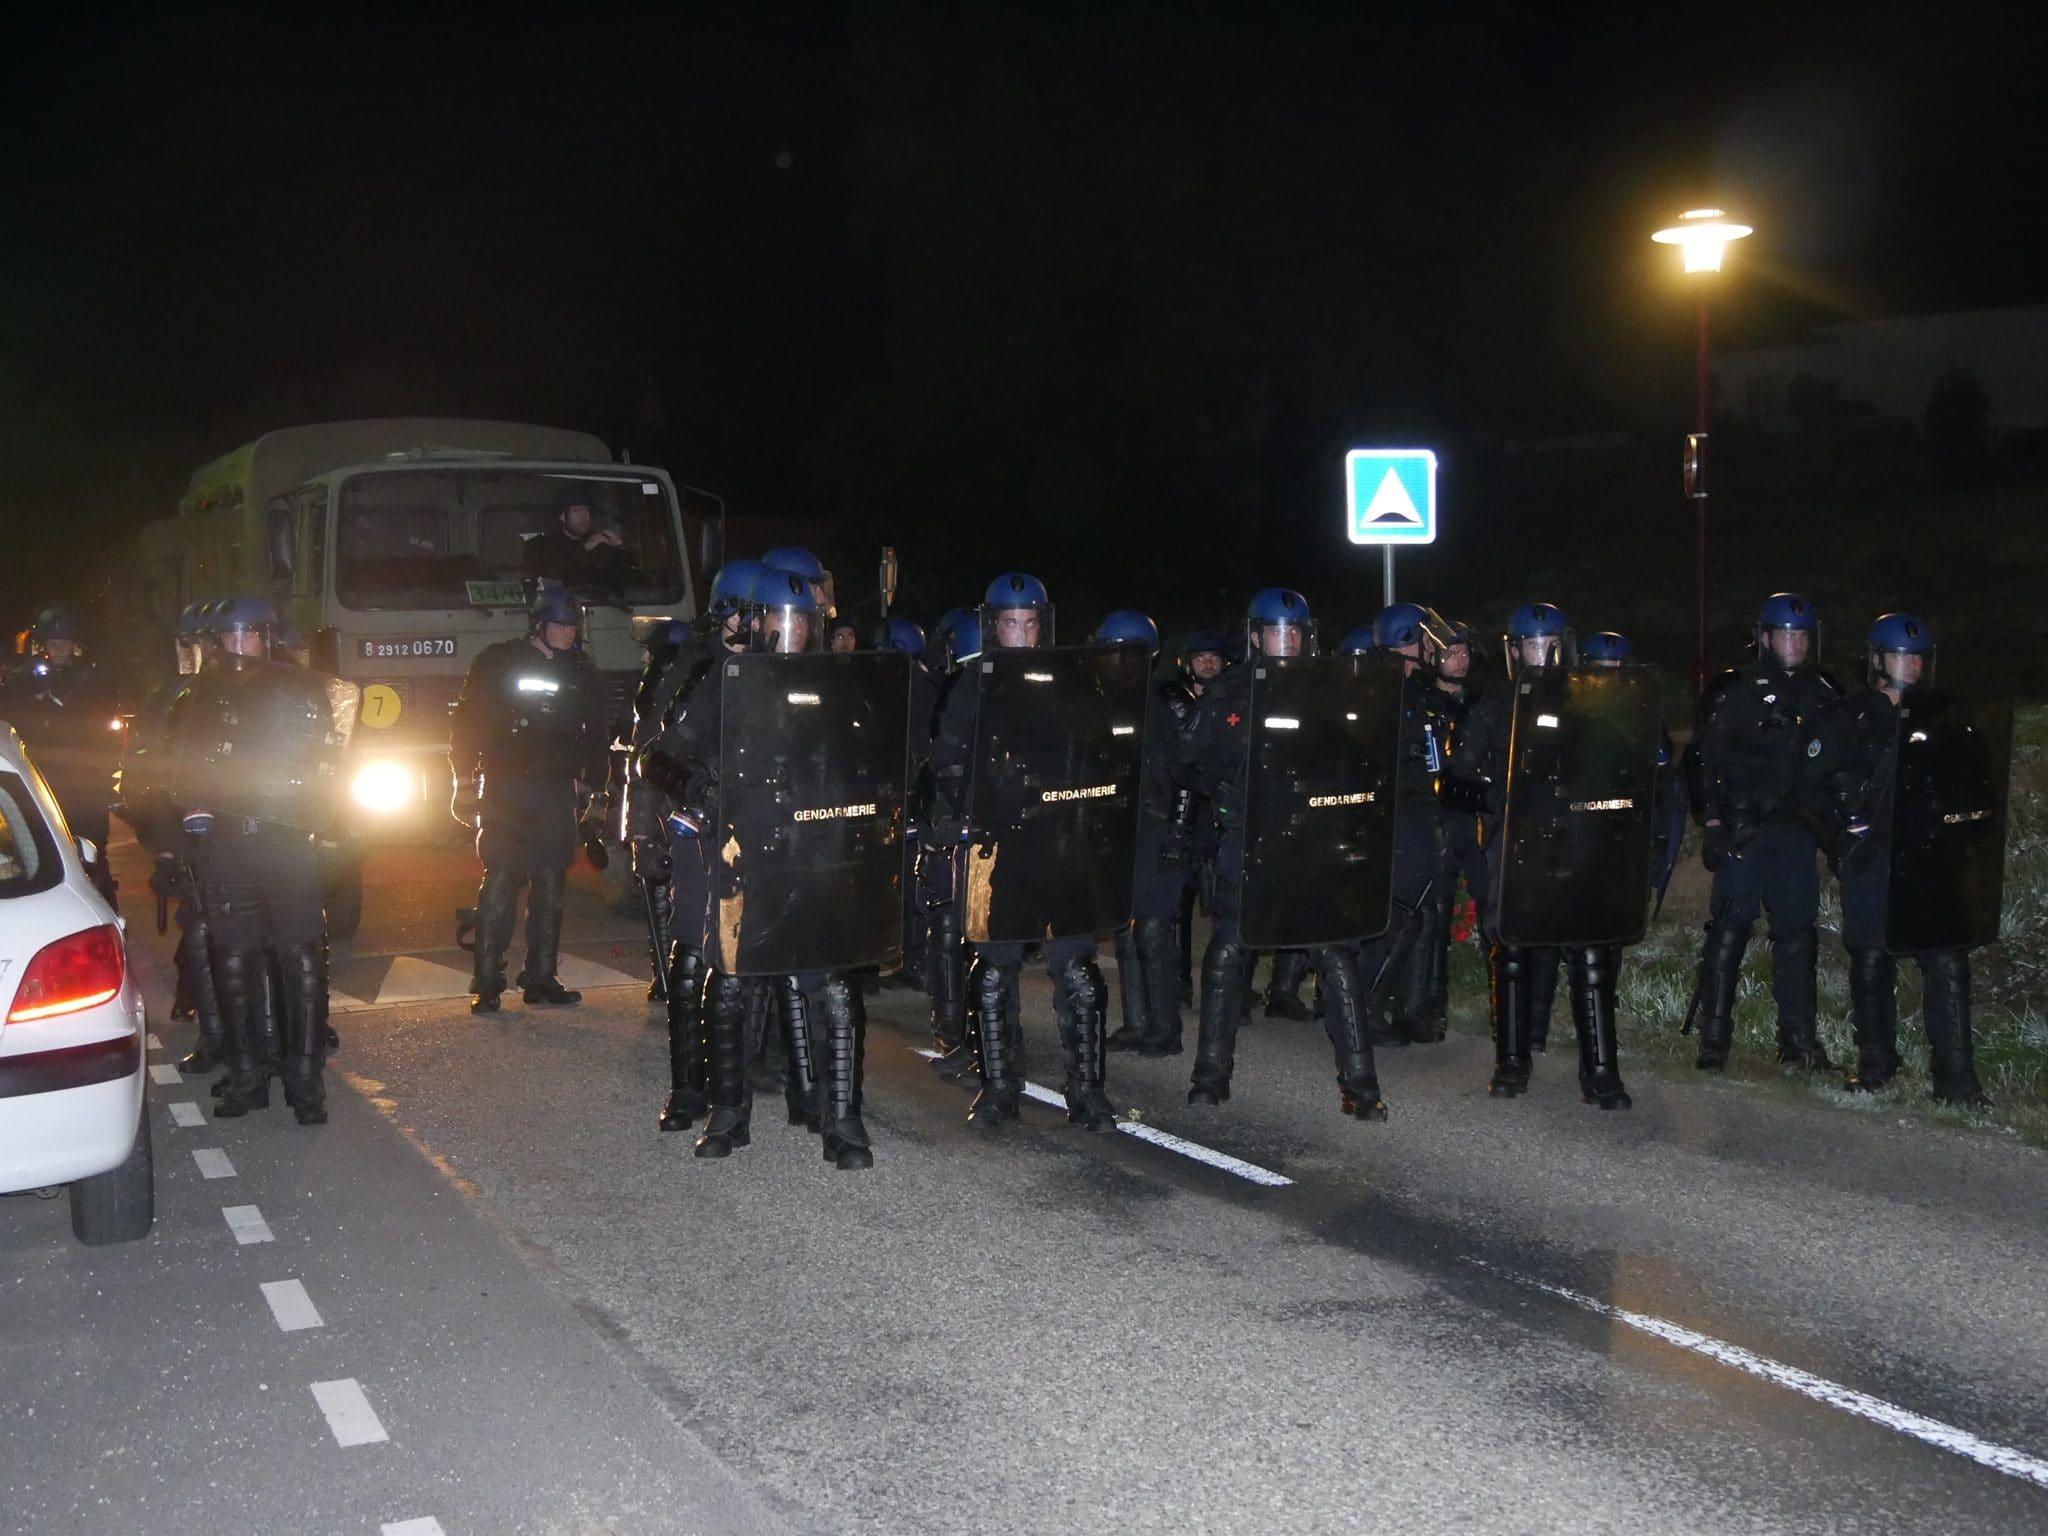 Plus de 500 gendarmes mobiles ont été appelés pour cette opération (Photo GK / Rue89 Strasbourg / cc)